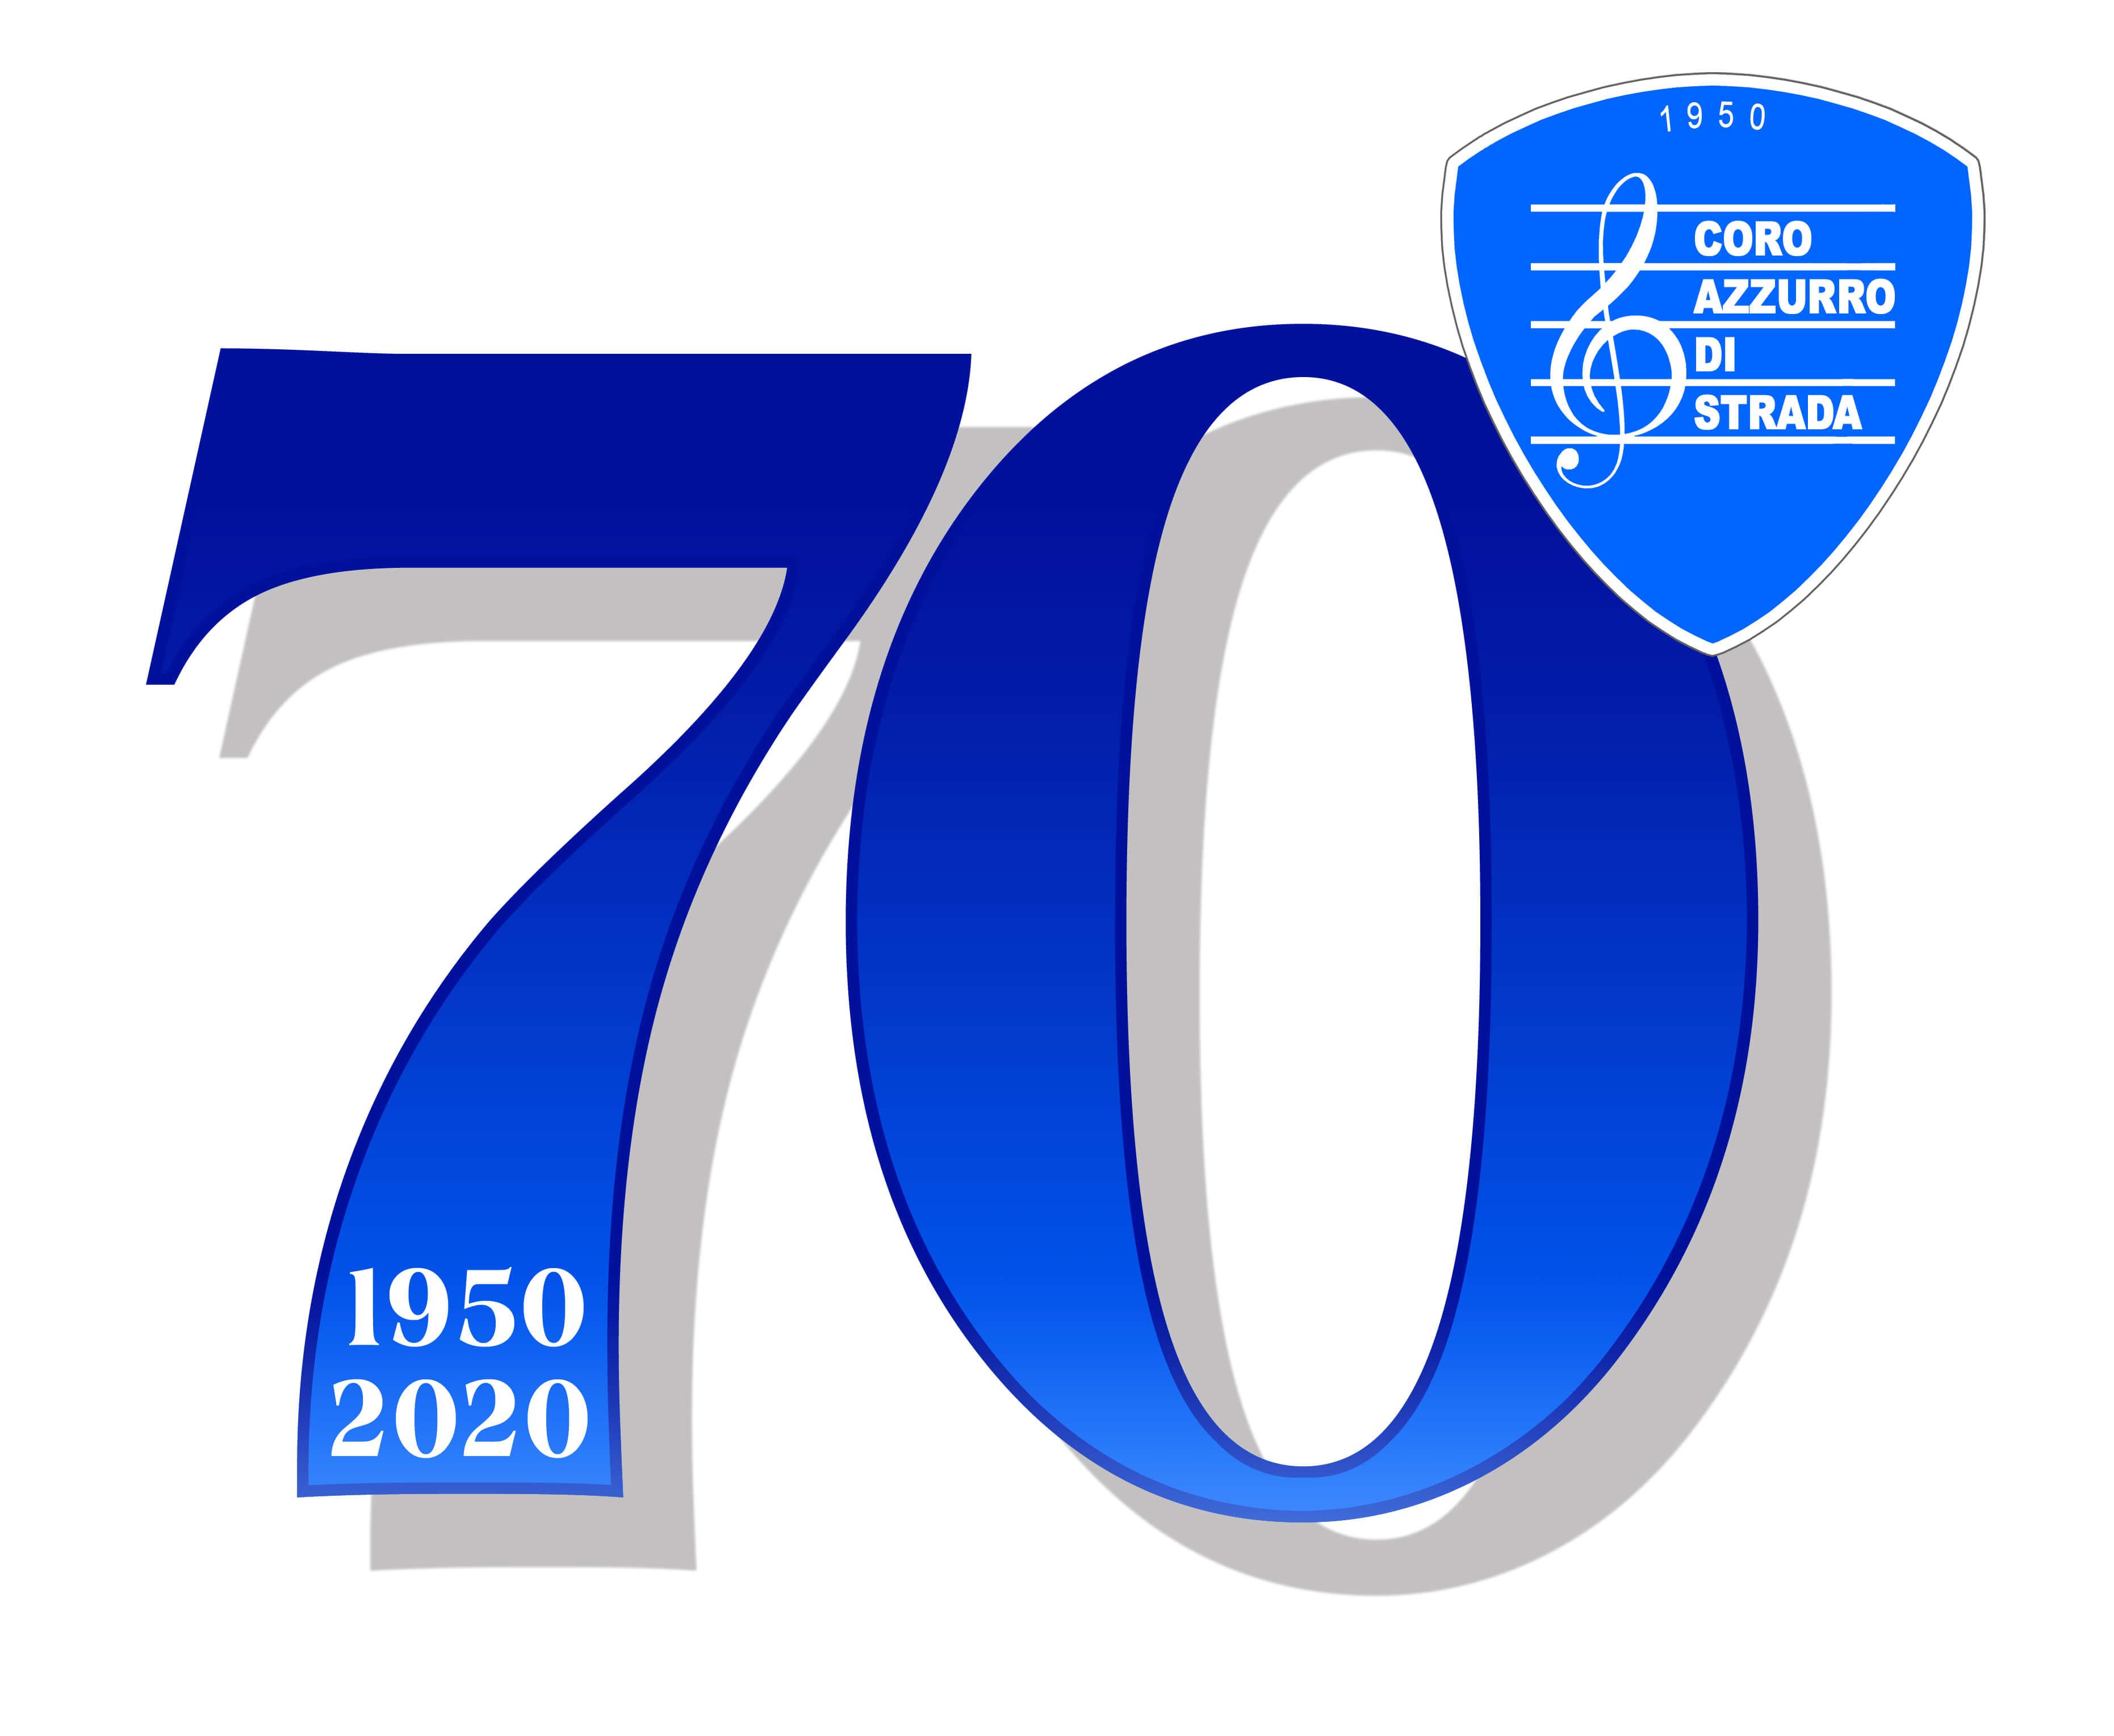 Logo 70° Coro Azzurro di Strada